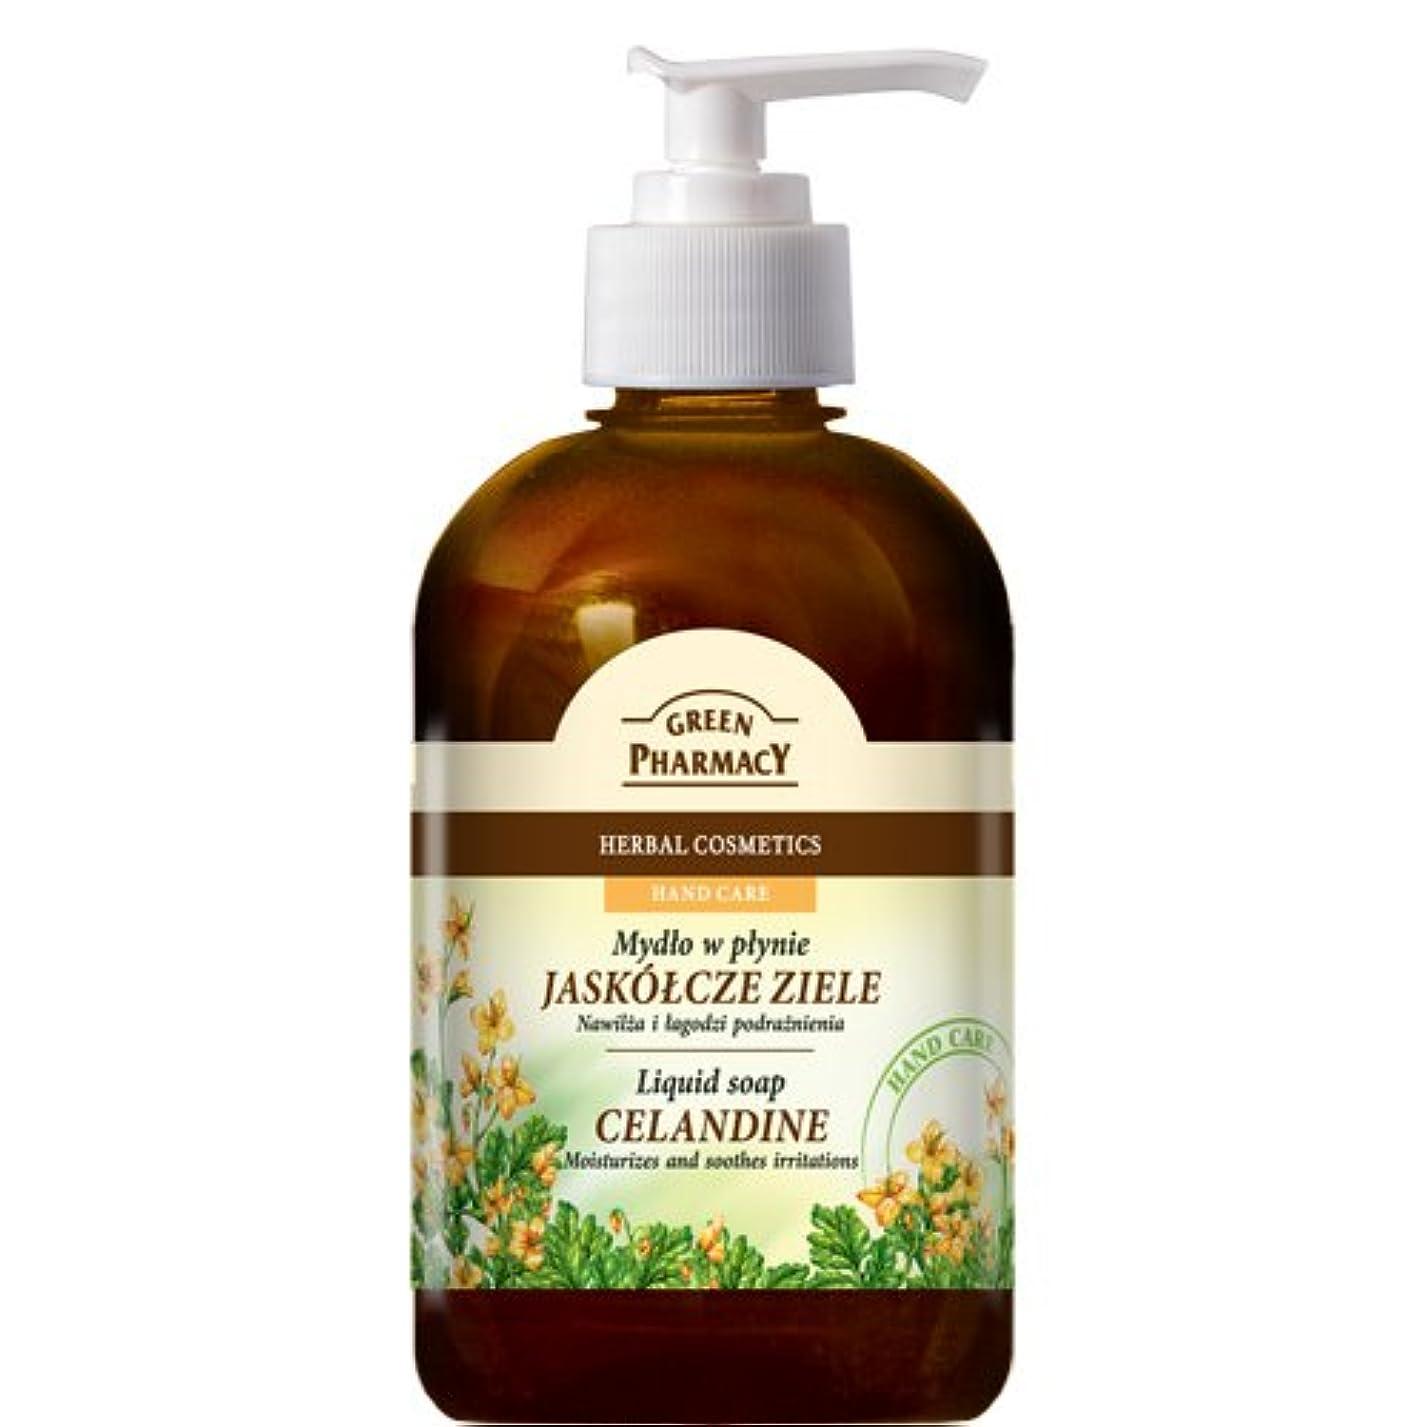 ペルメルスプーンなめらかElfa Pharm Green Pharmacy グリーンファーマシー Liquid Soap リキッドソープ Celandine クサノオウ